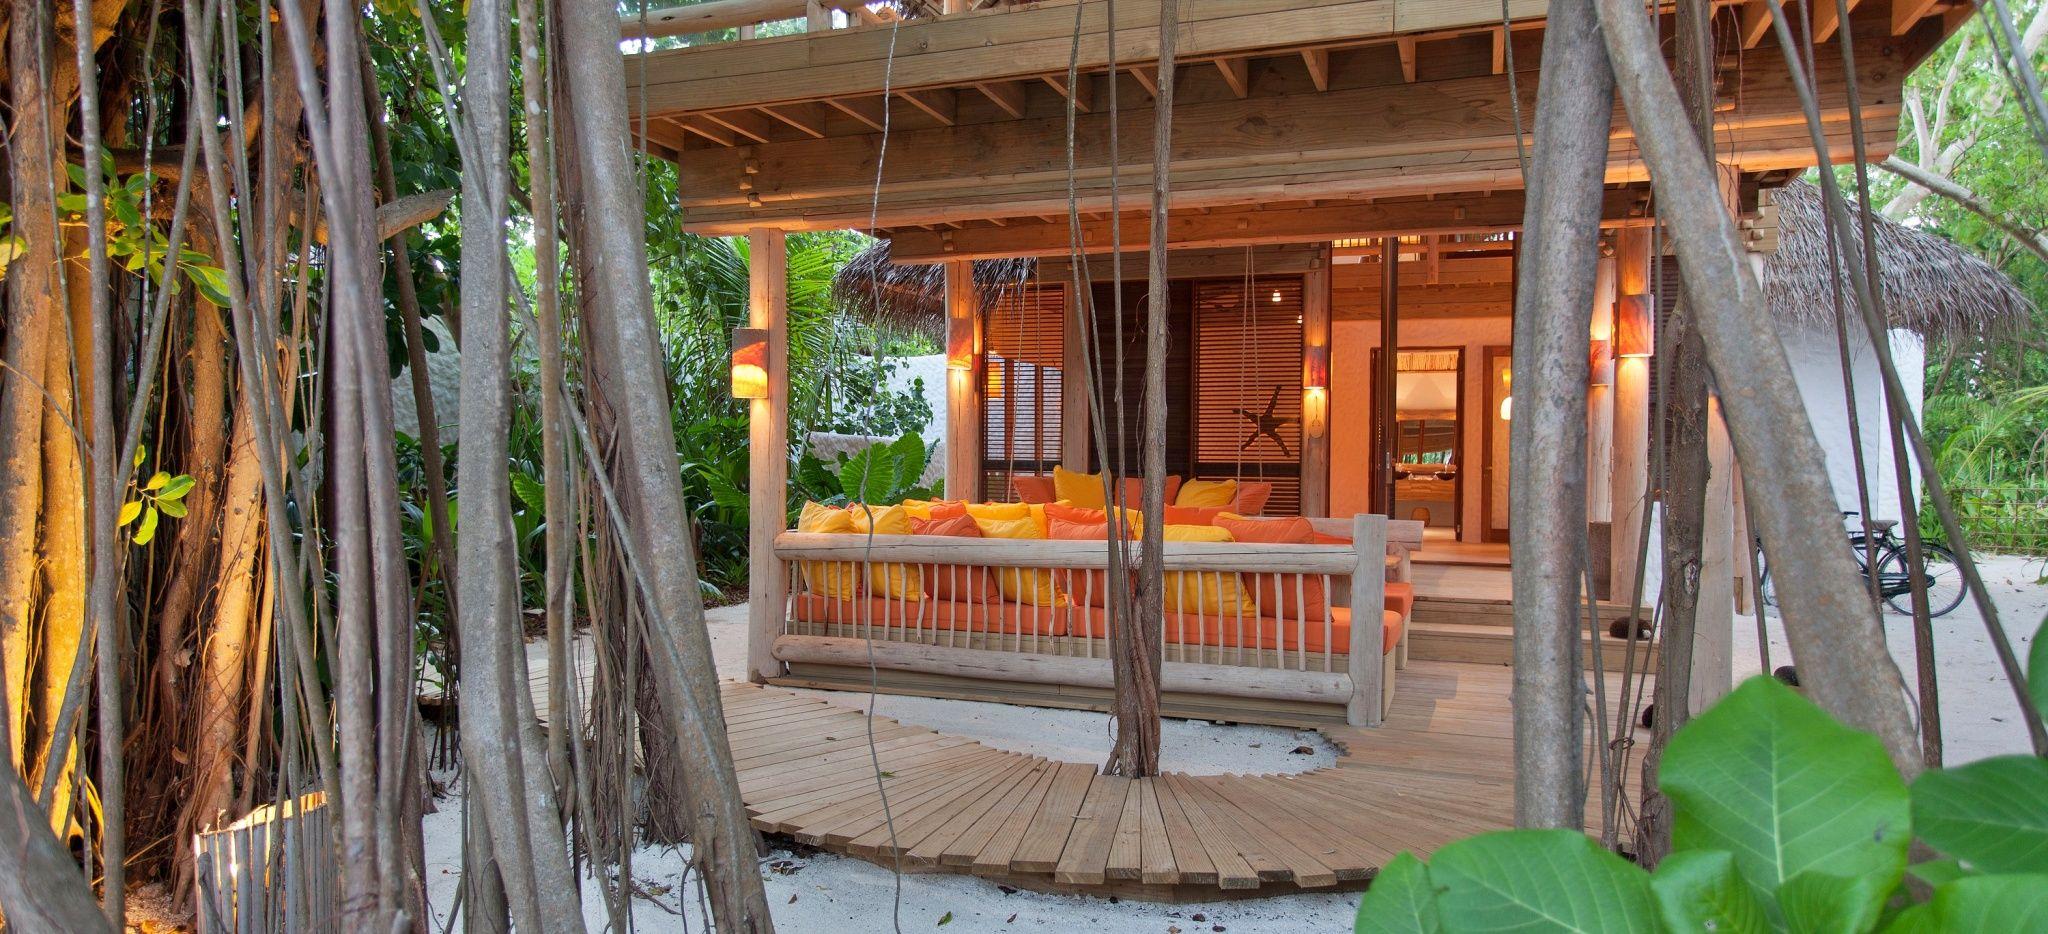 Eine hölzerne Terrasse im Sand umgeben von Lianen, vor einer Villa des Hotels Soneva Fushi, Malediven